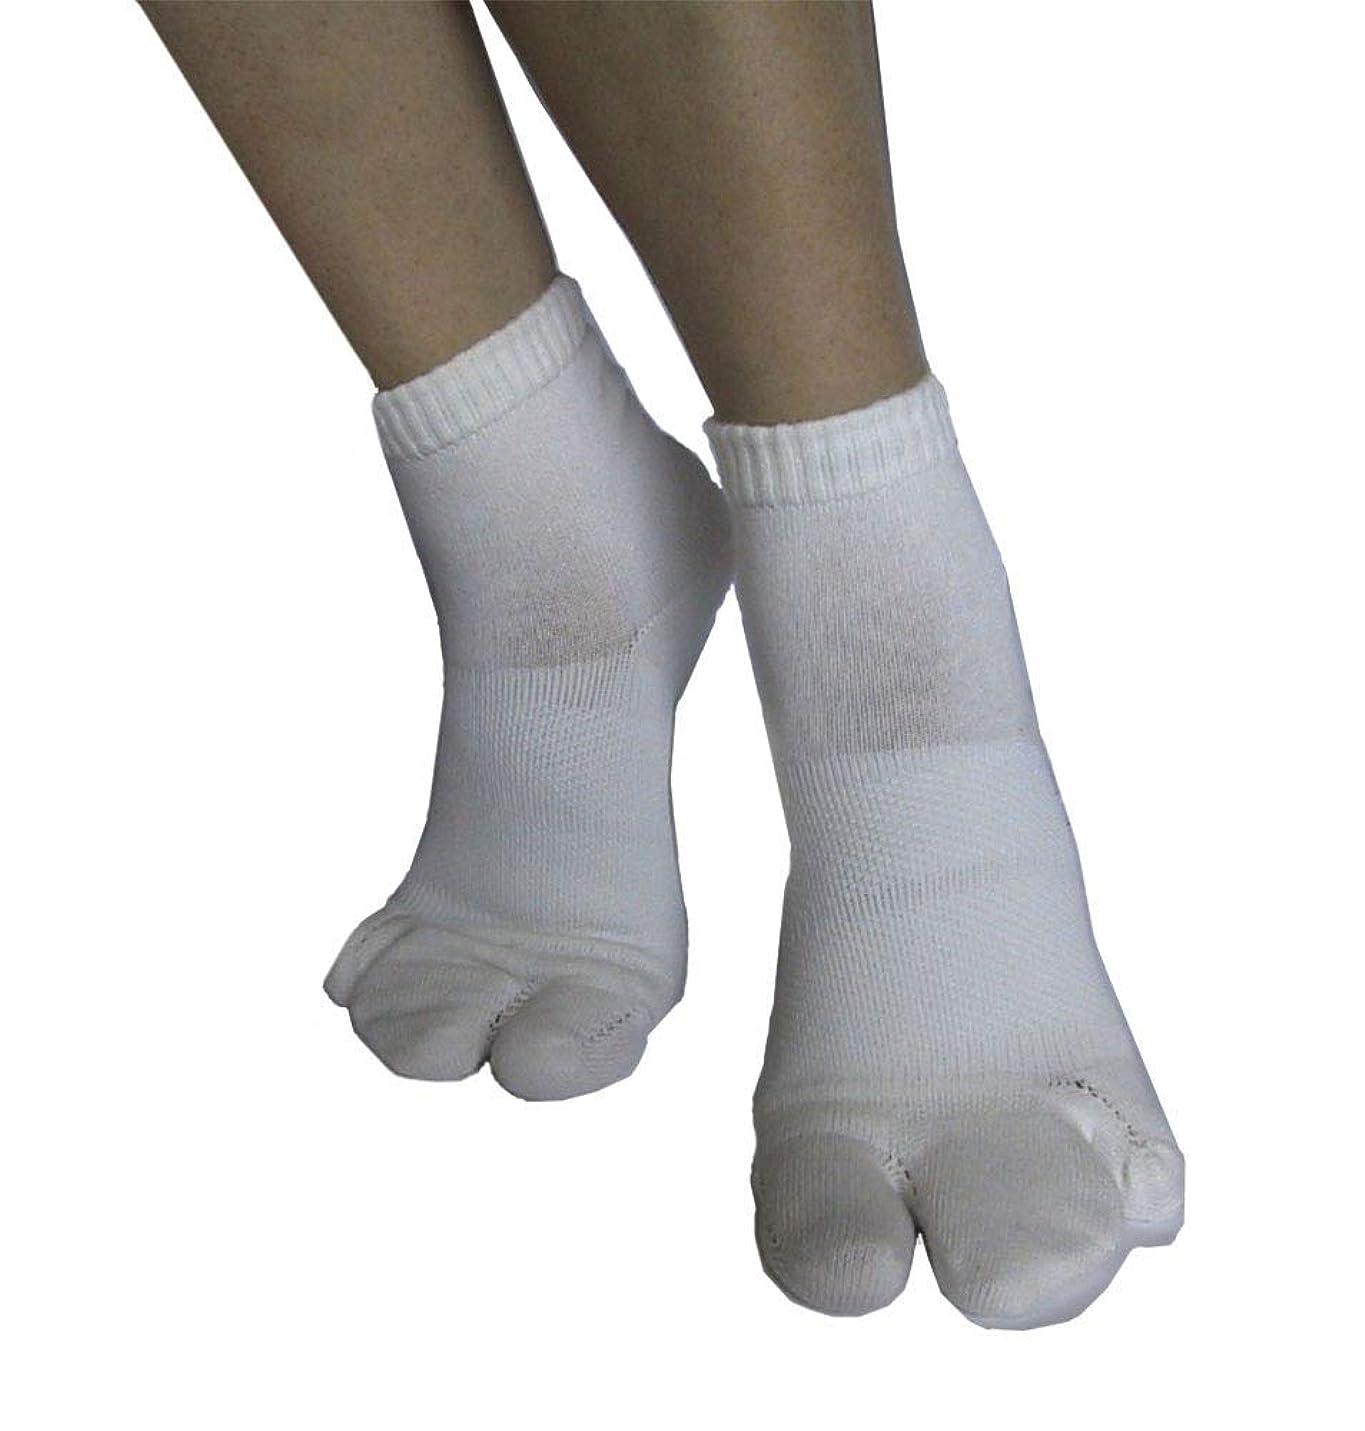 移動する将来のホイットニーカサハラ式サポーター ホソックス3本指テーピング靴下  ホワイト L25-26cm